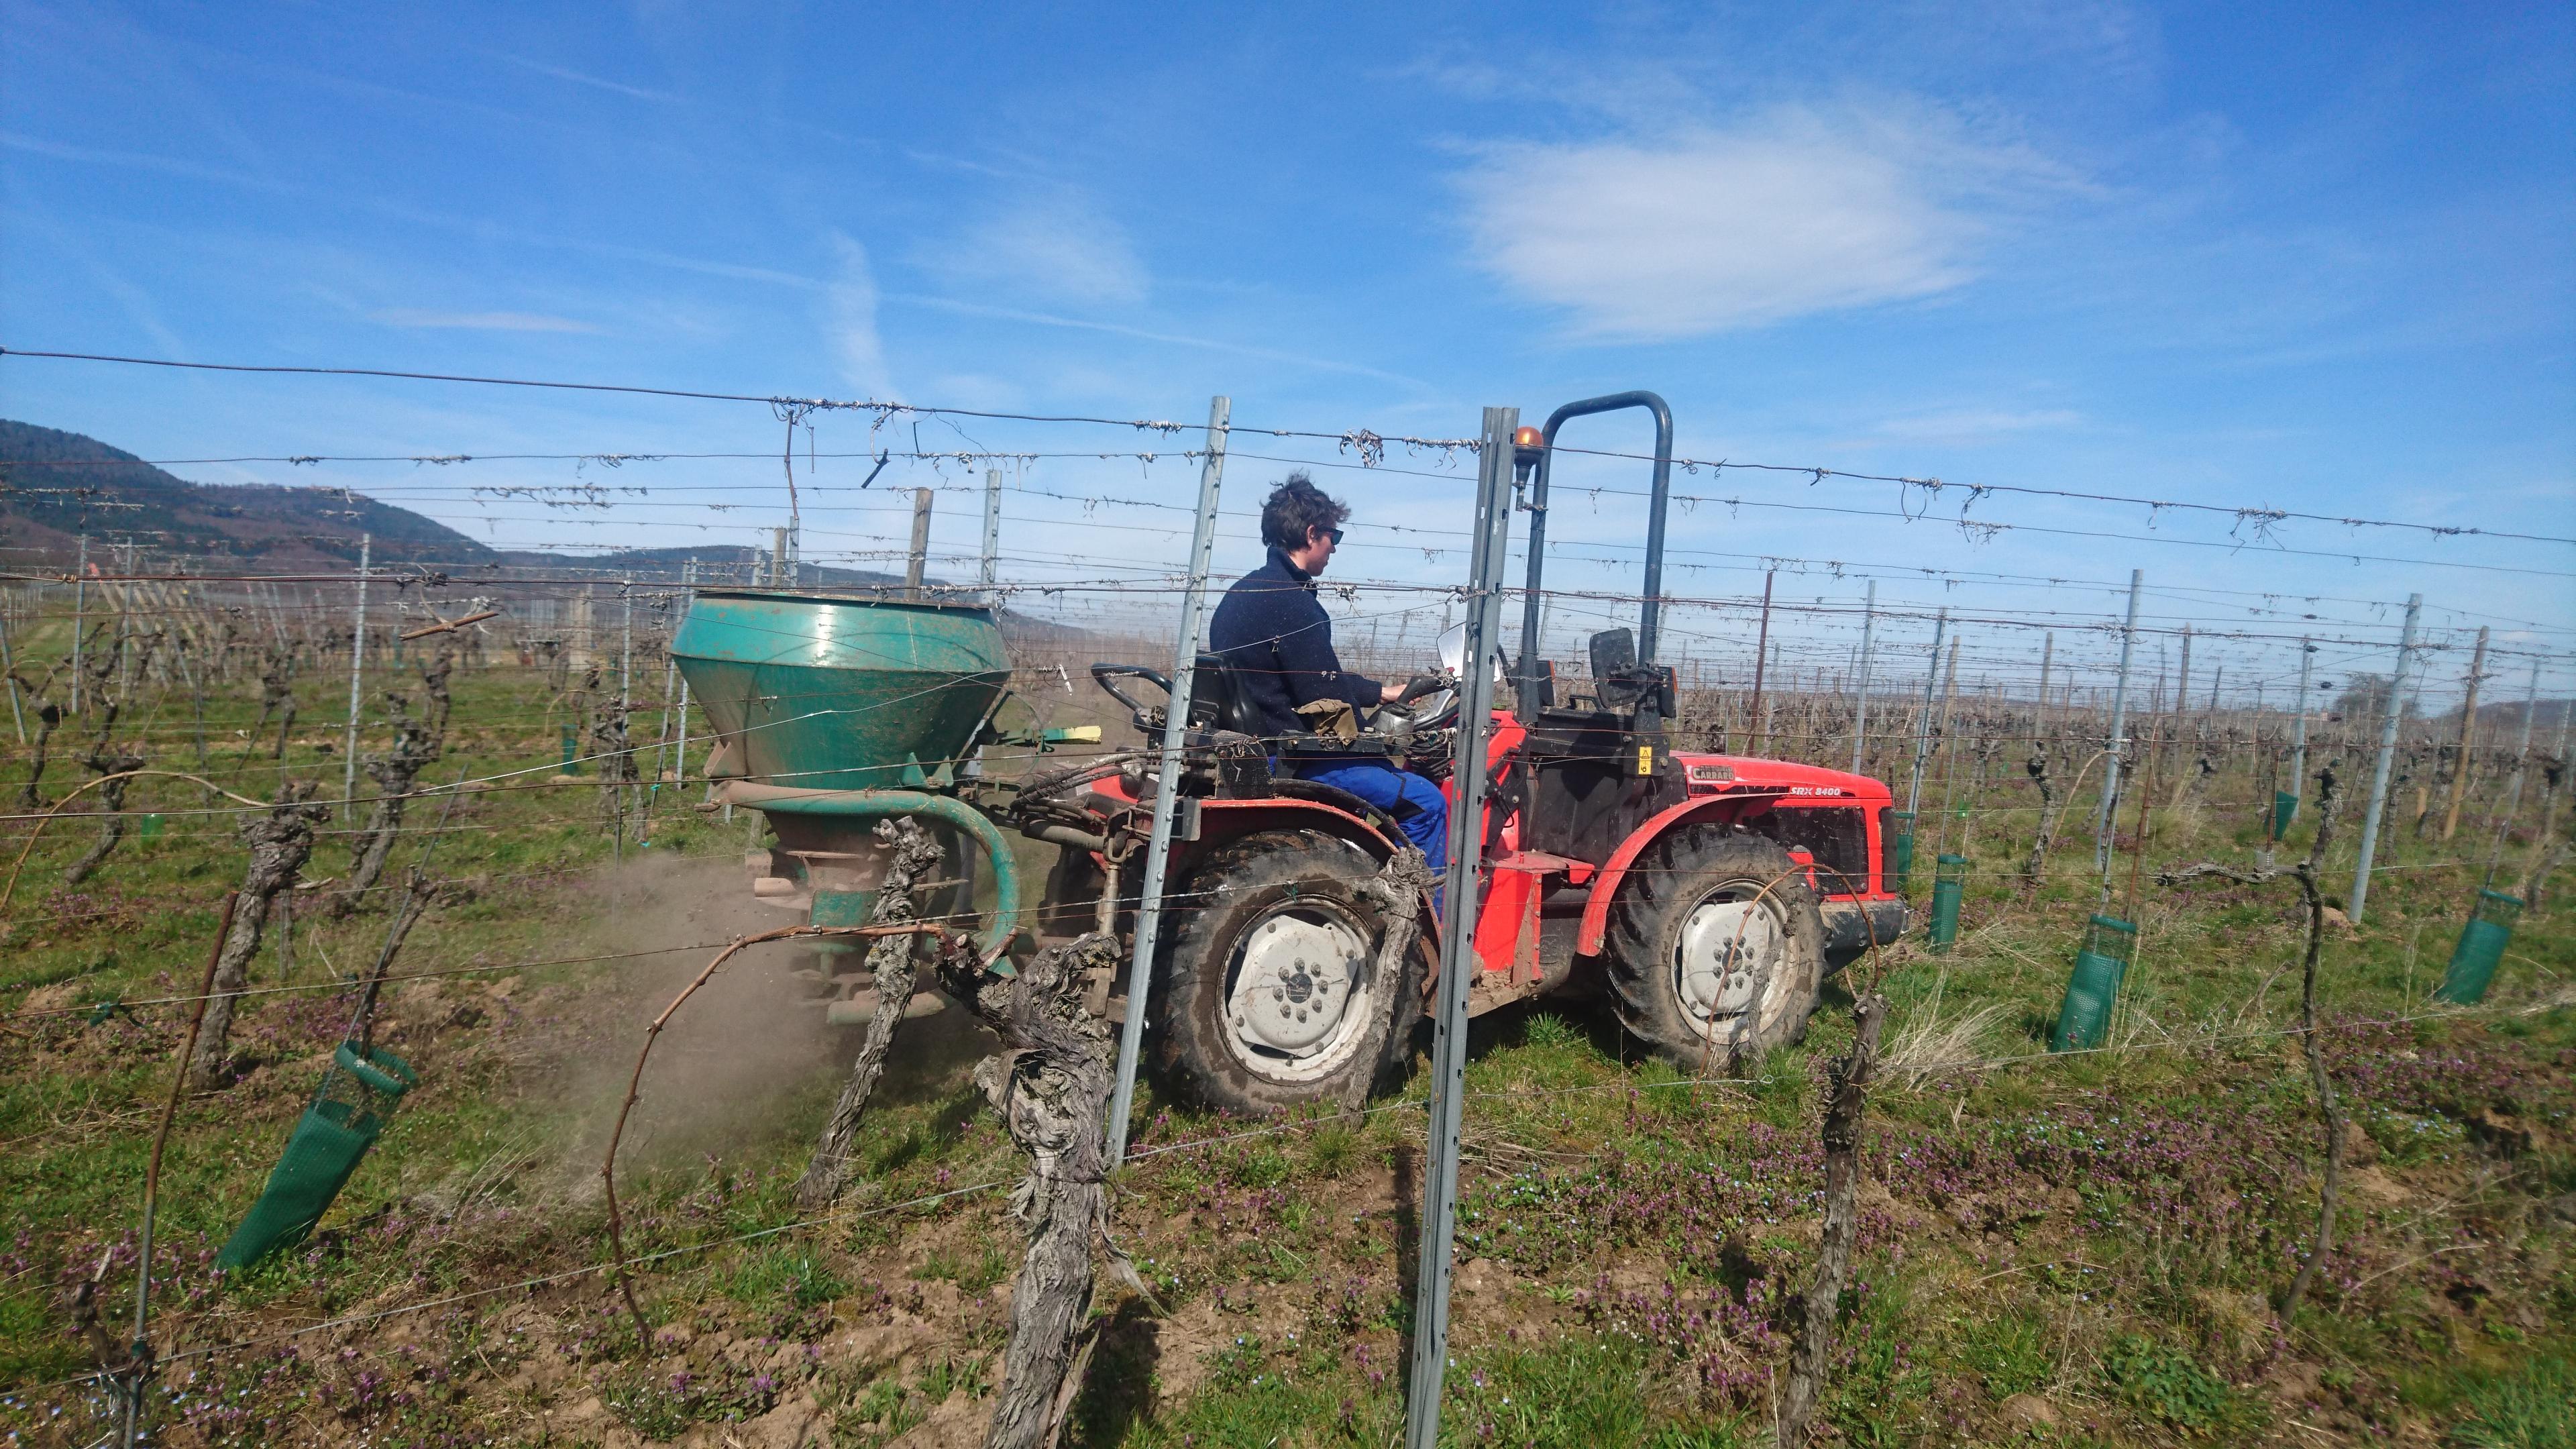 epandage-compost-domaine-gloeckler-brenner-alsace-vignerons